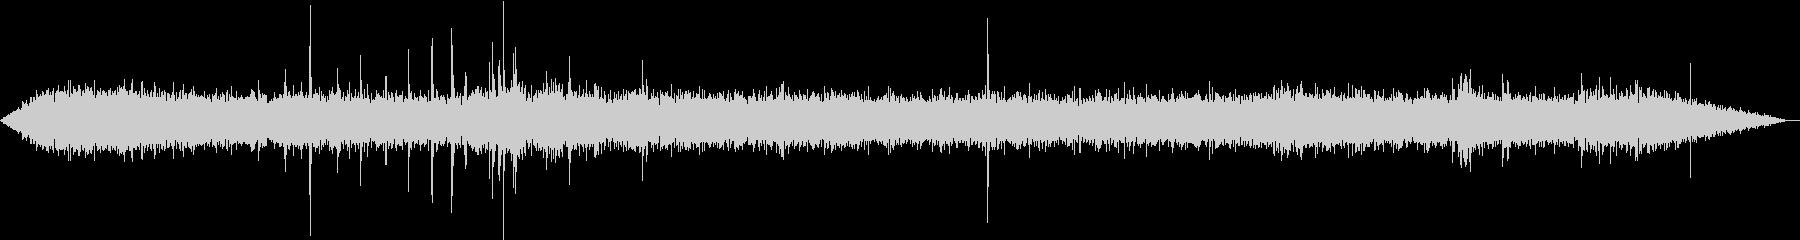 【生録音】工事現場の音 重機 2の未再生の波形